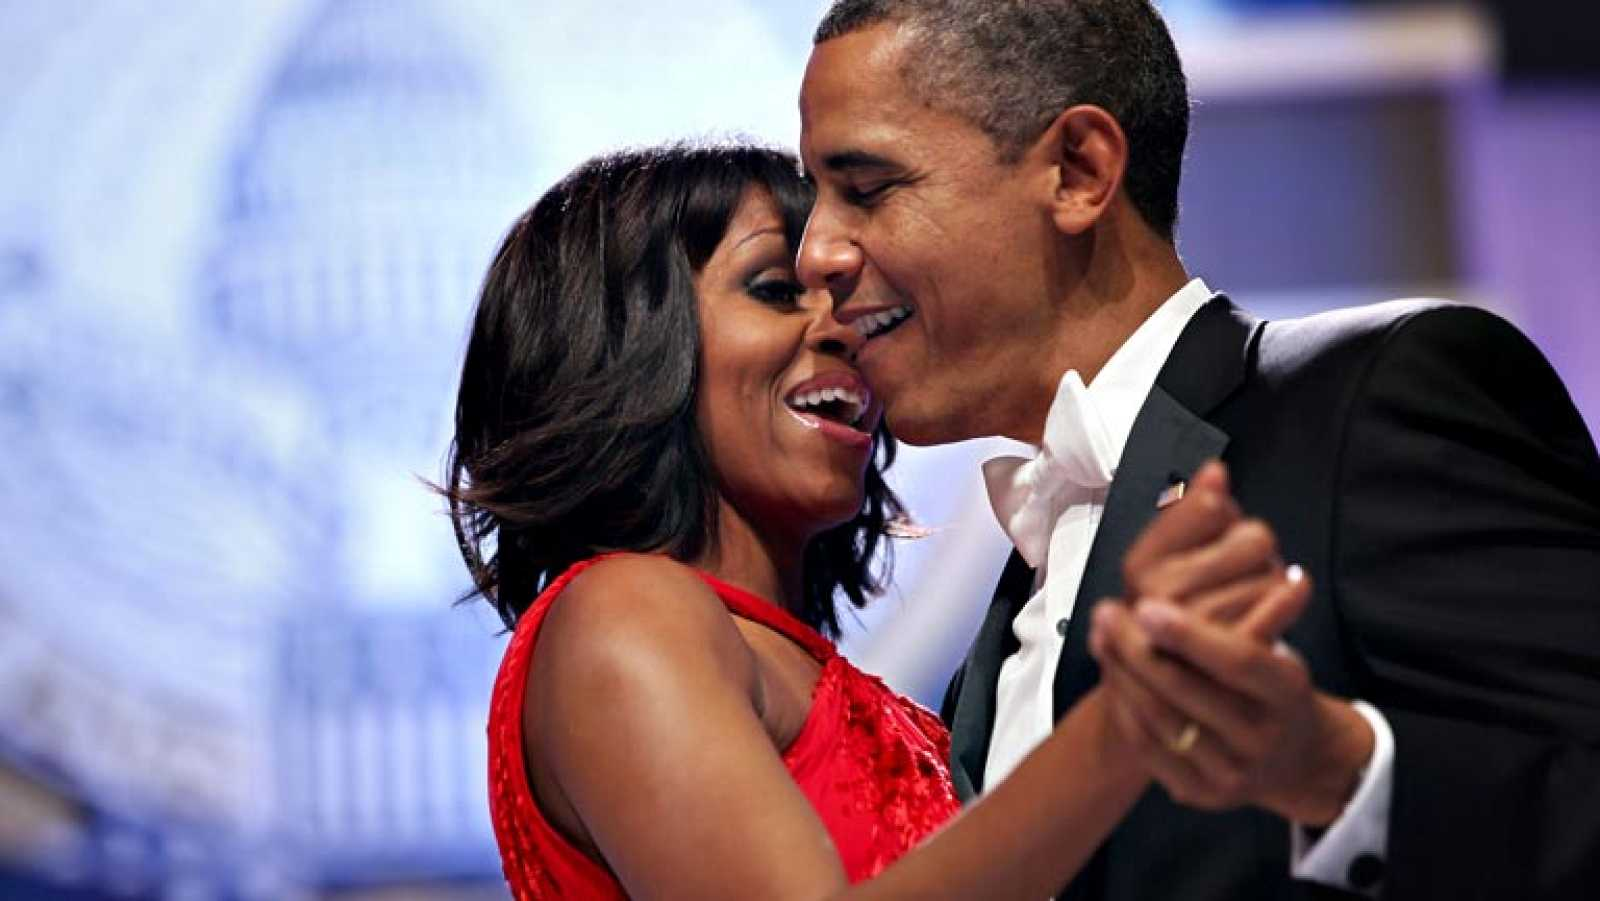 Barack y Michelle Obama bailan durante la tradicional celebración tras la toma de posesión del presidente de EE.UU.